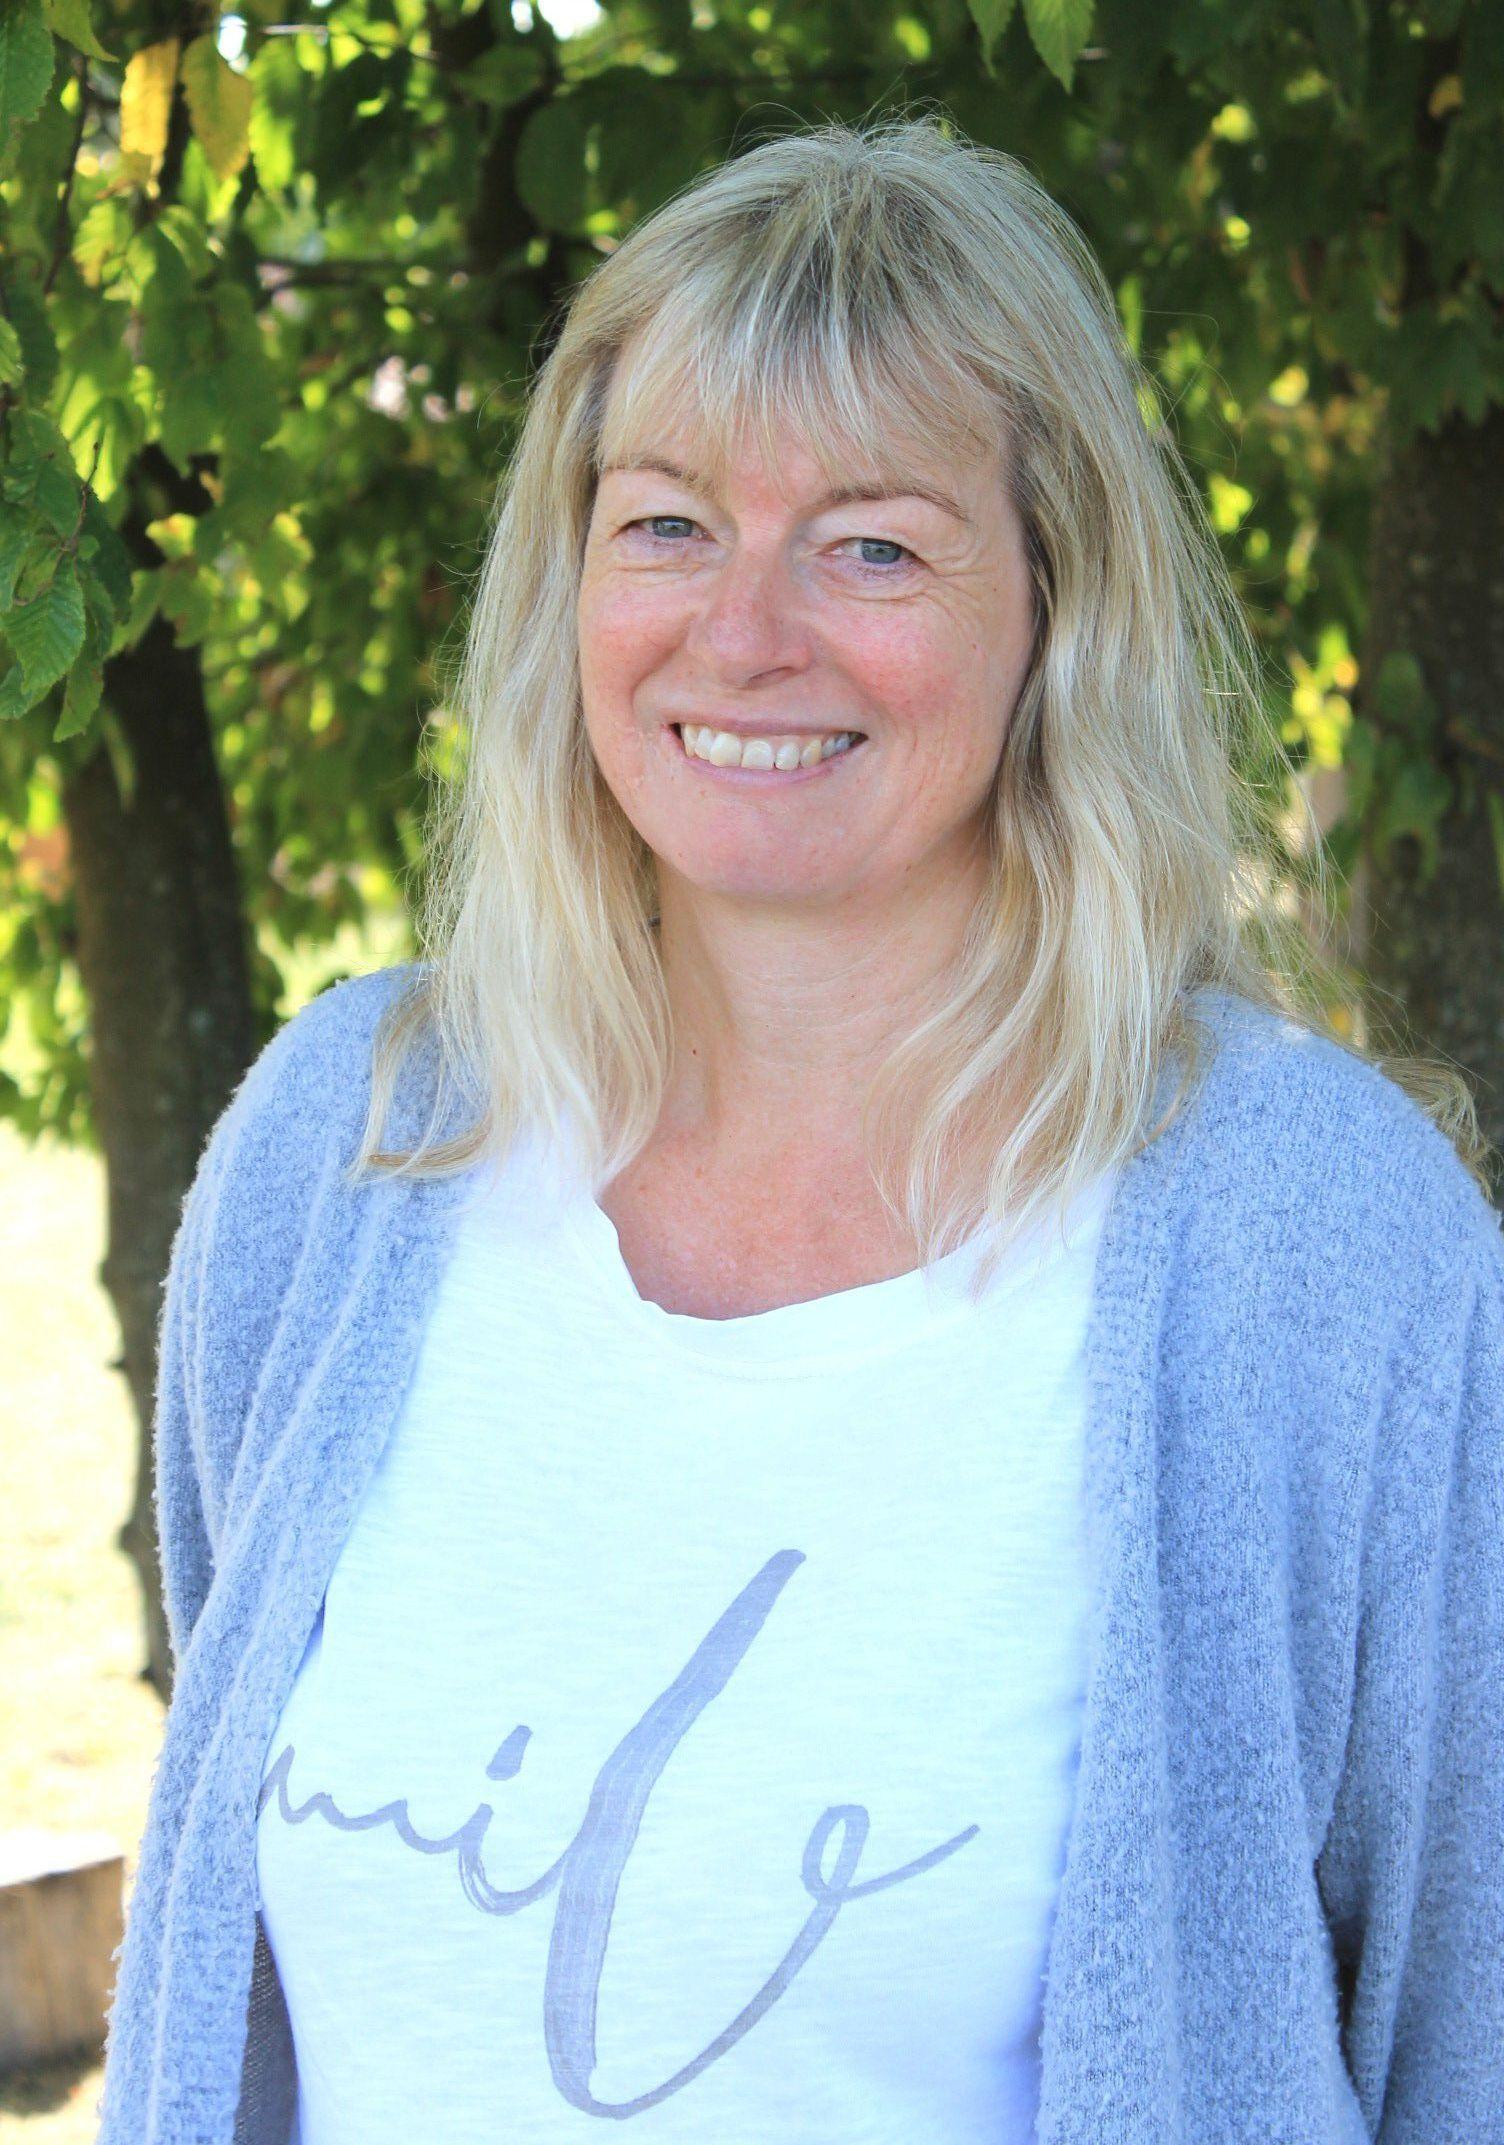 Sabine Gassert